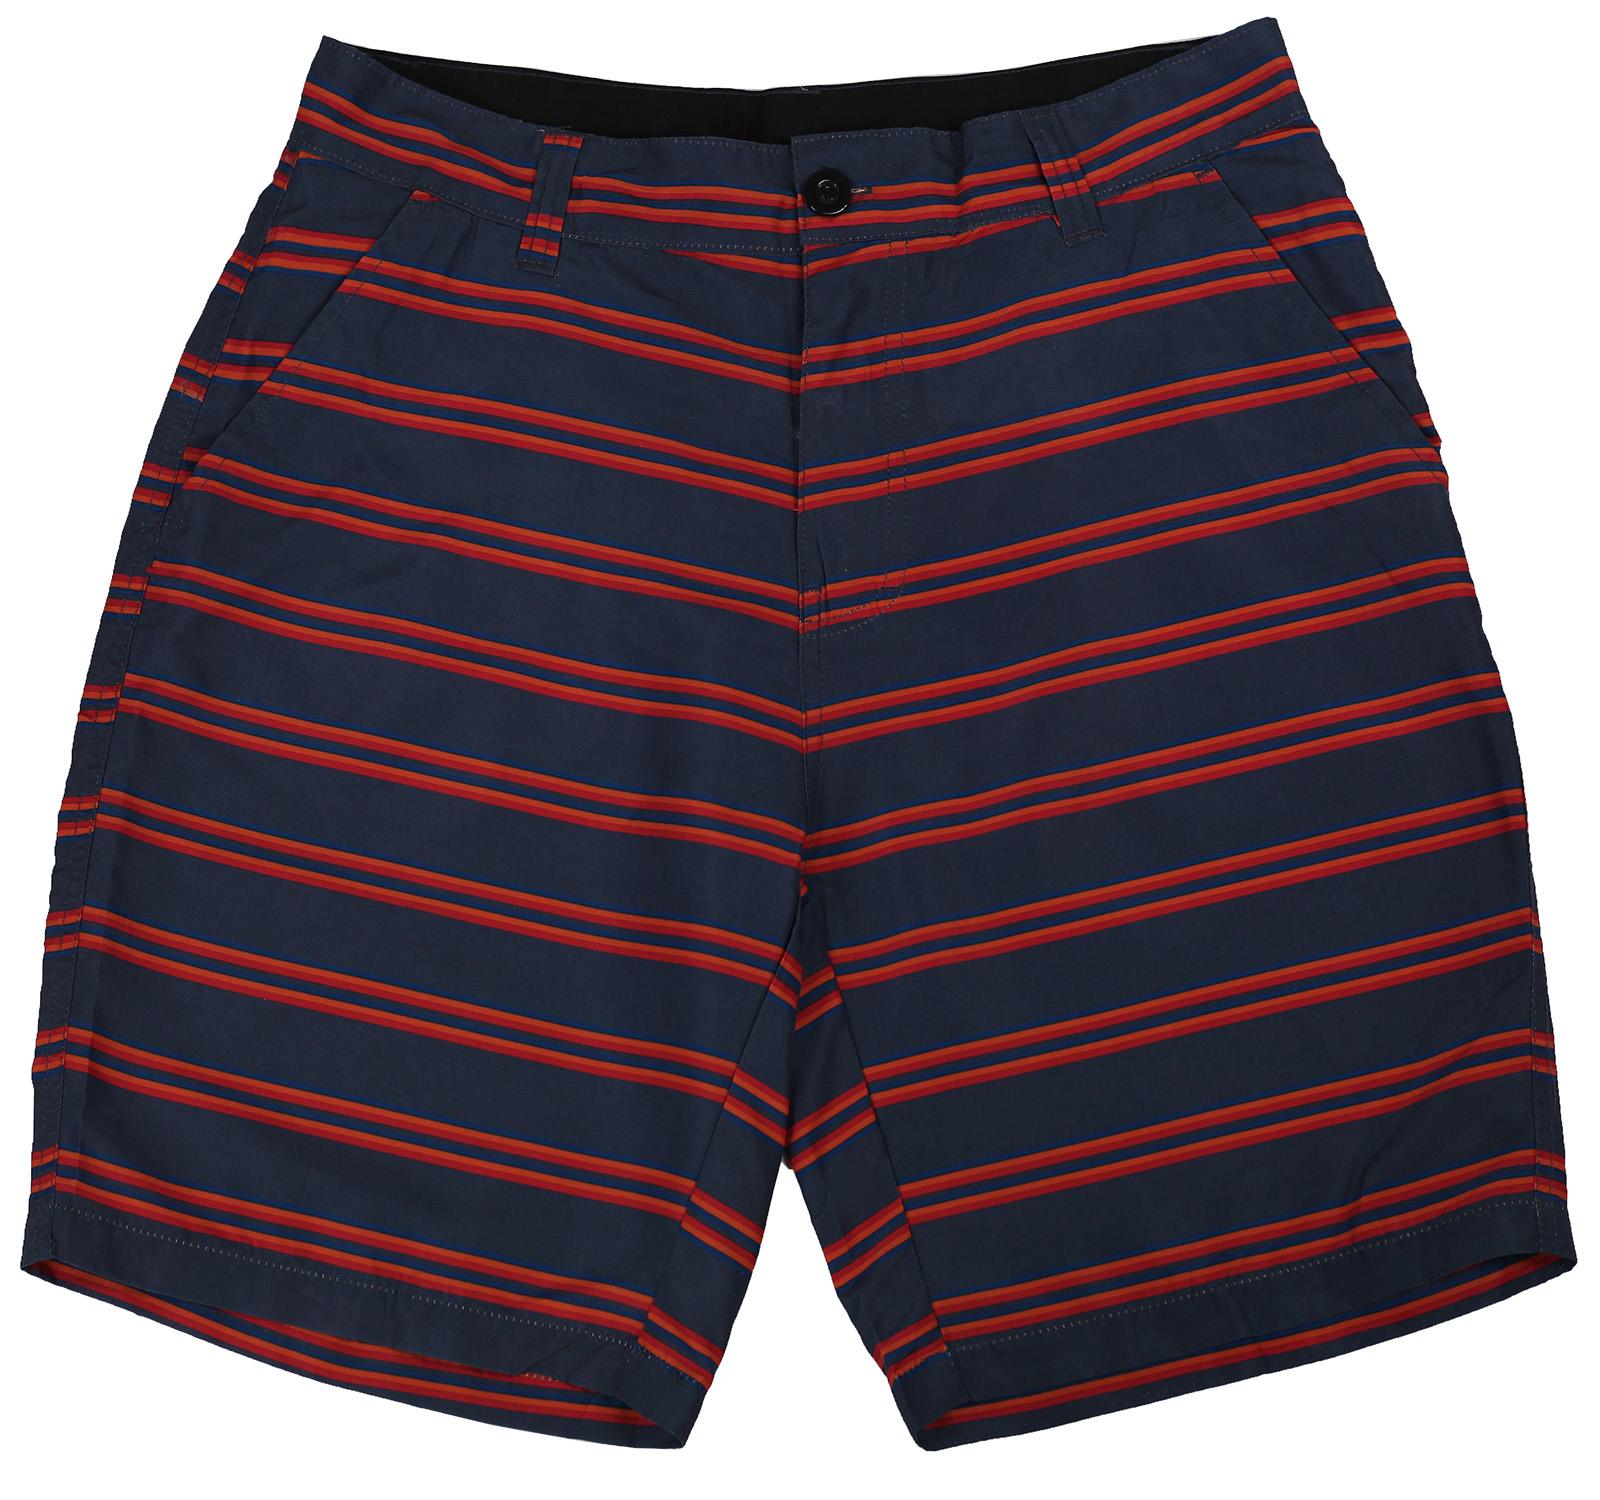 Мужские шорты Paradise Island - купить в интернет-магазине с доставкой